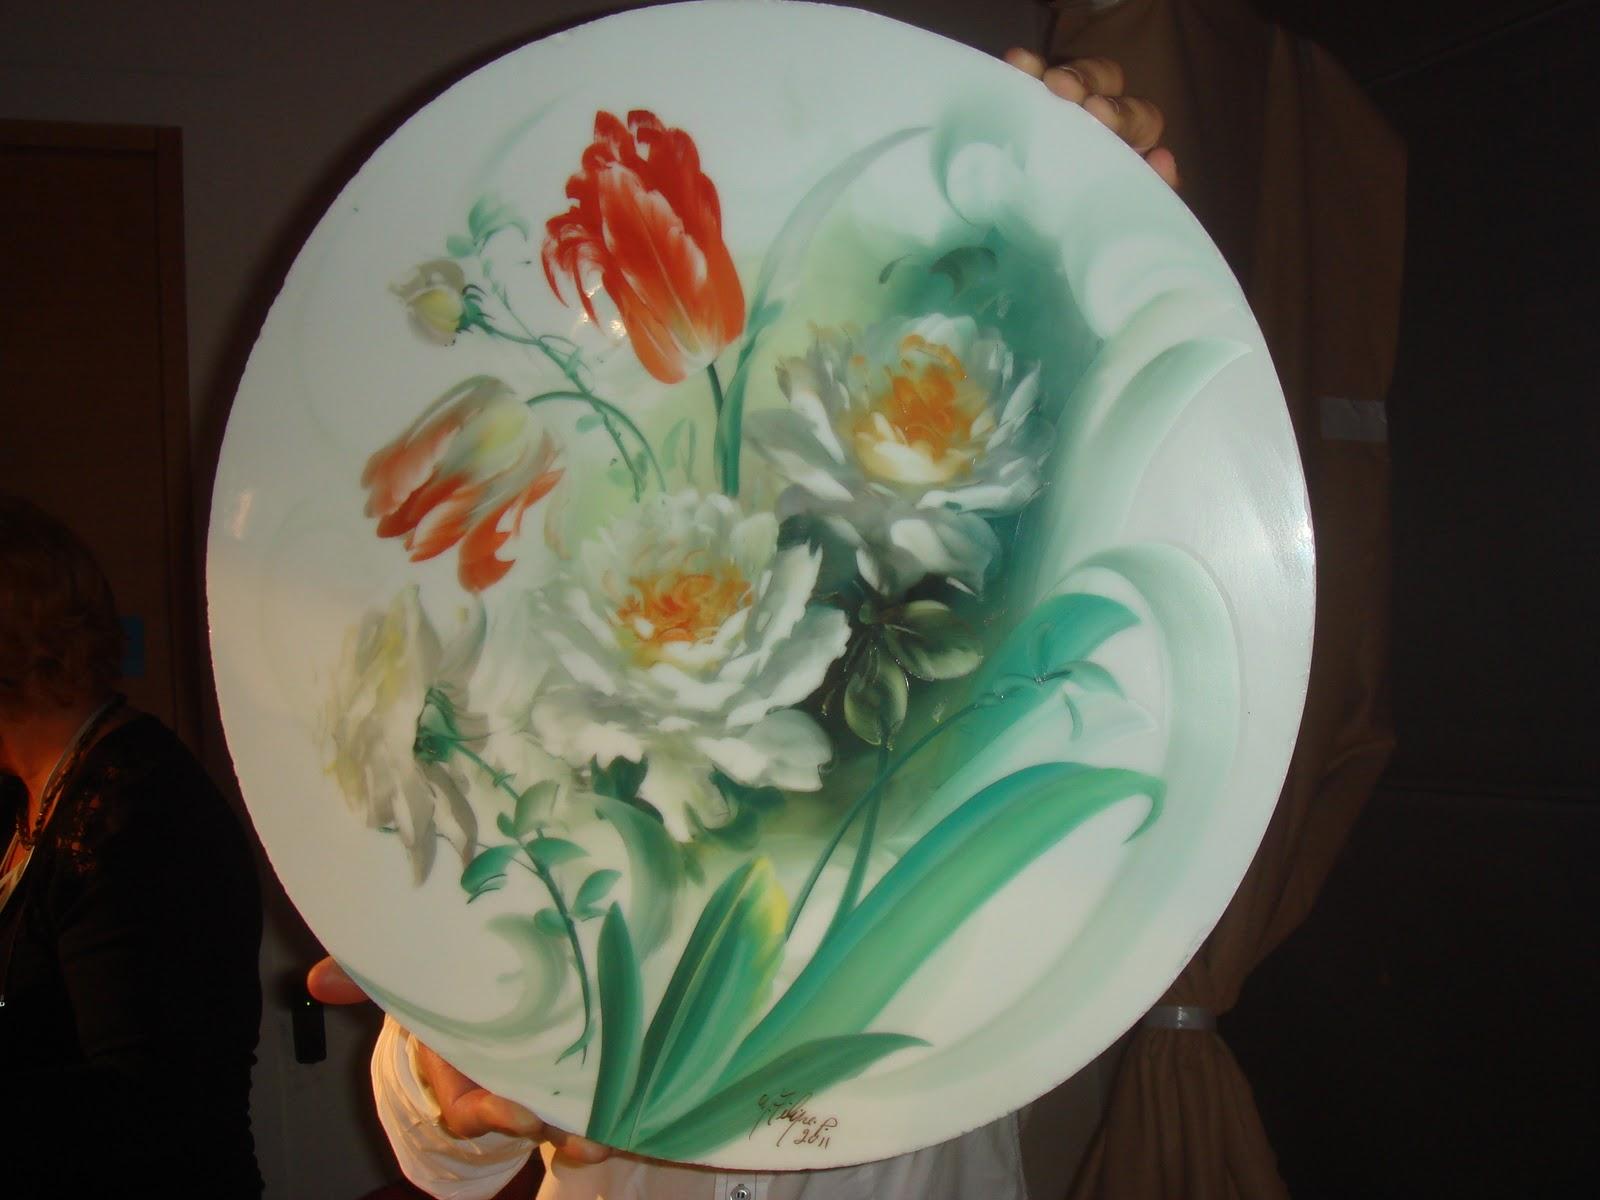 Passion porcelaine salon de lyon - Salon porcelaine lyon ...